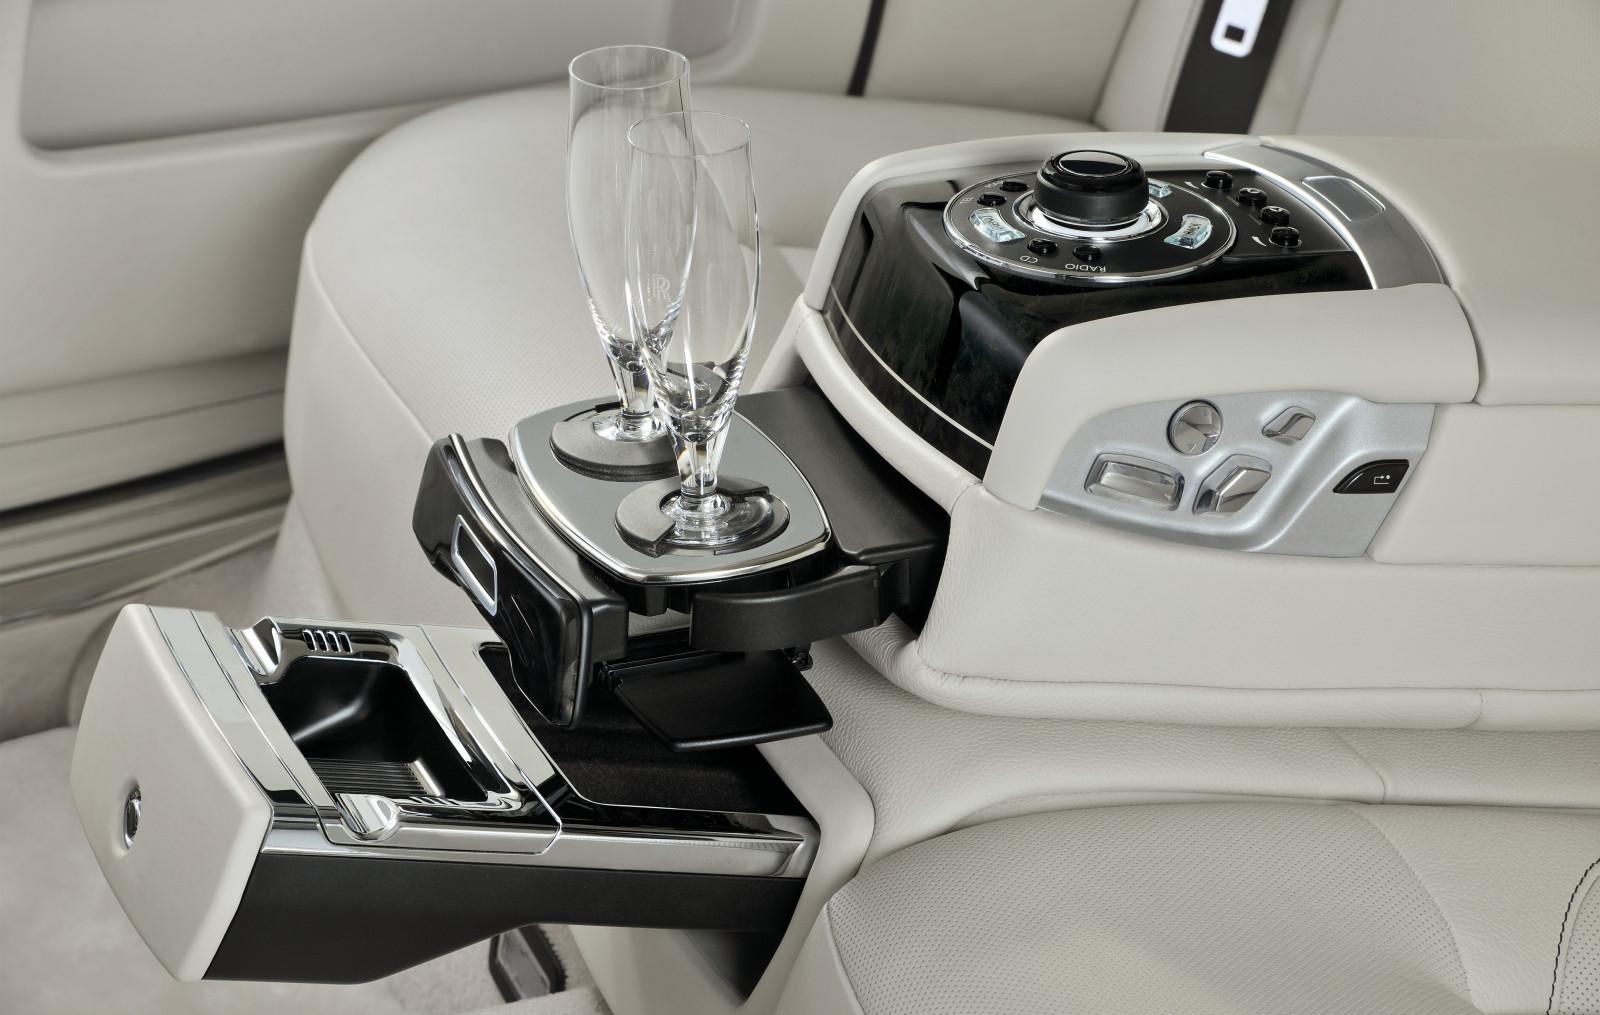 http://4.bp.blogspot.com/-_r11j1OCpR4/UAp_Pgb8t1I/AAAAAAAAAHE/oasqo3WdXBg/s1600/2012_rolls-royce_ghost_sedan_extended_wheelbase_int_dtl.jpg